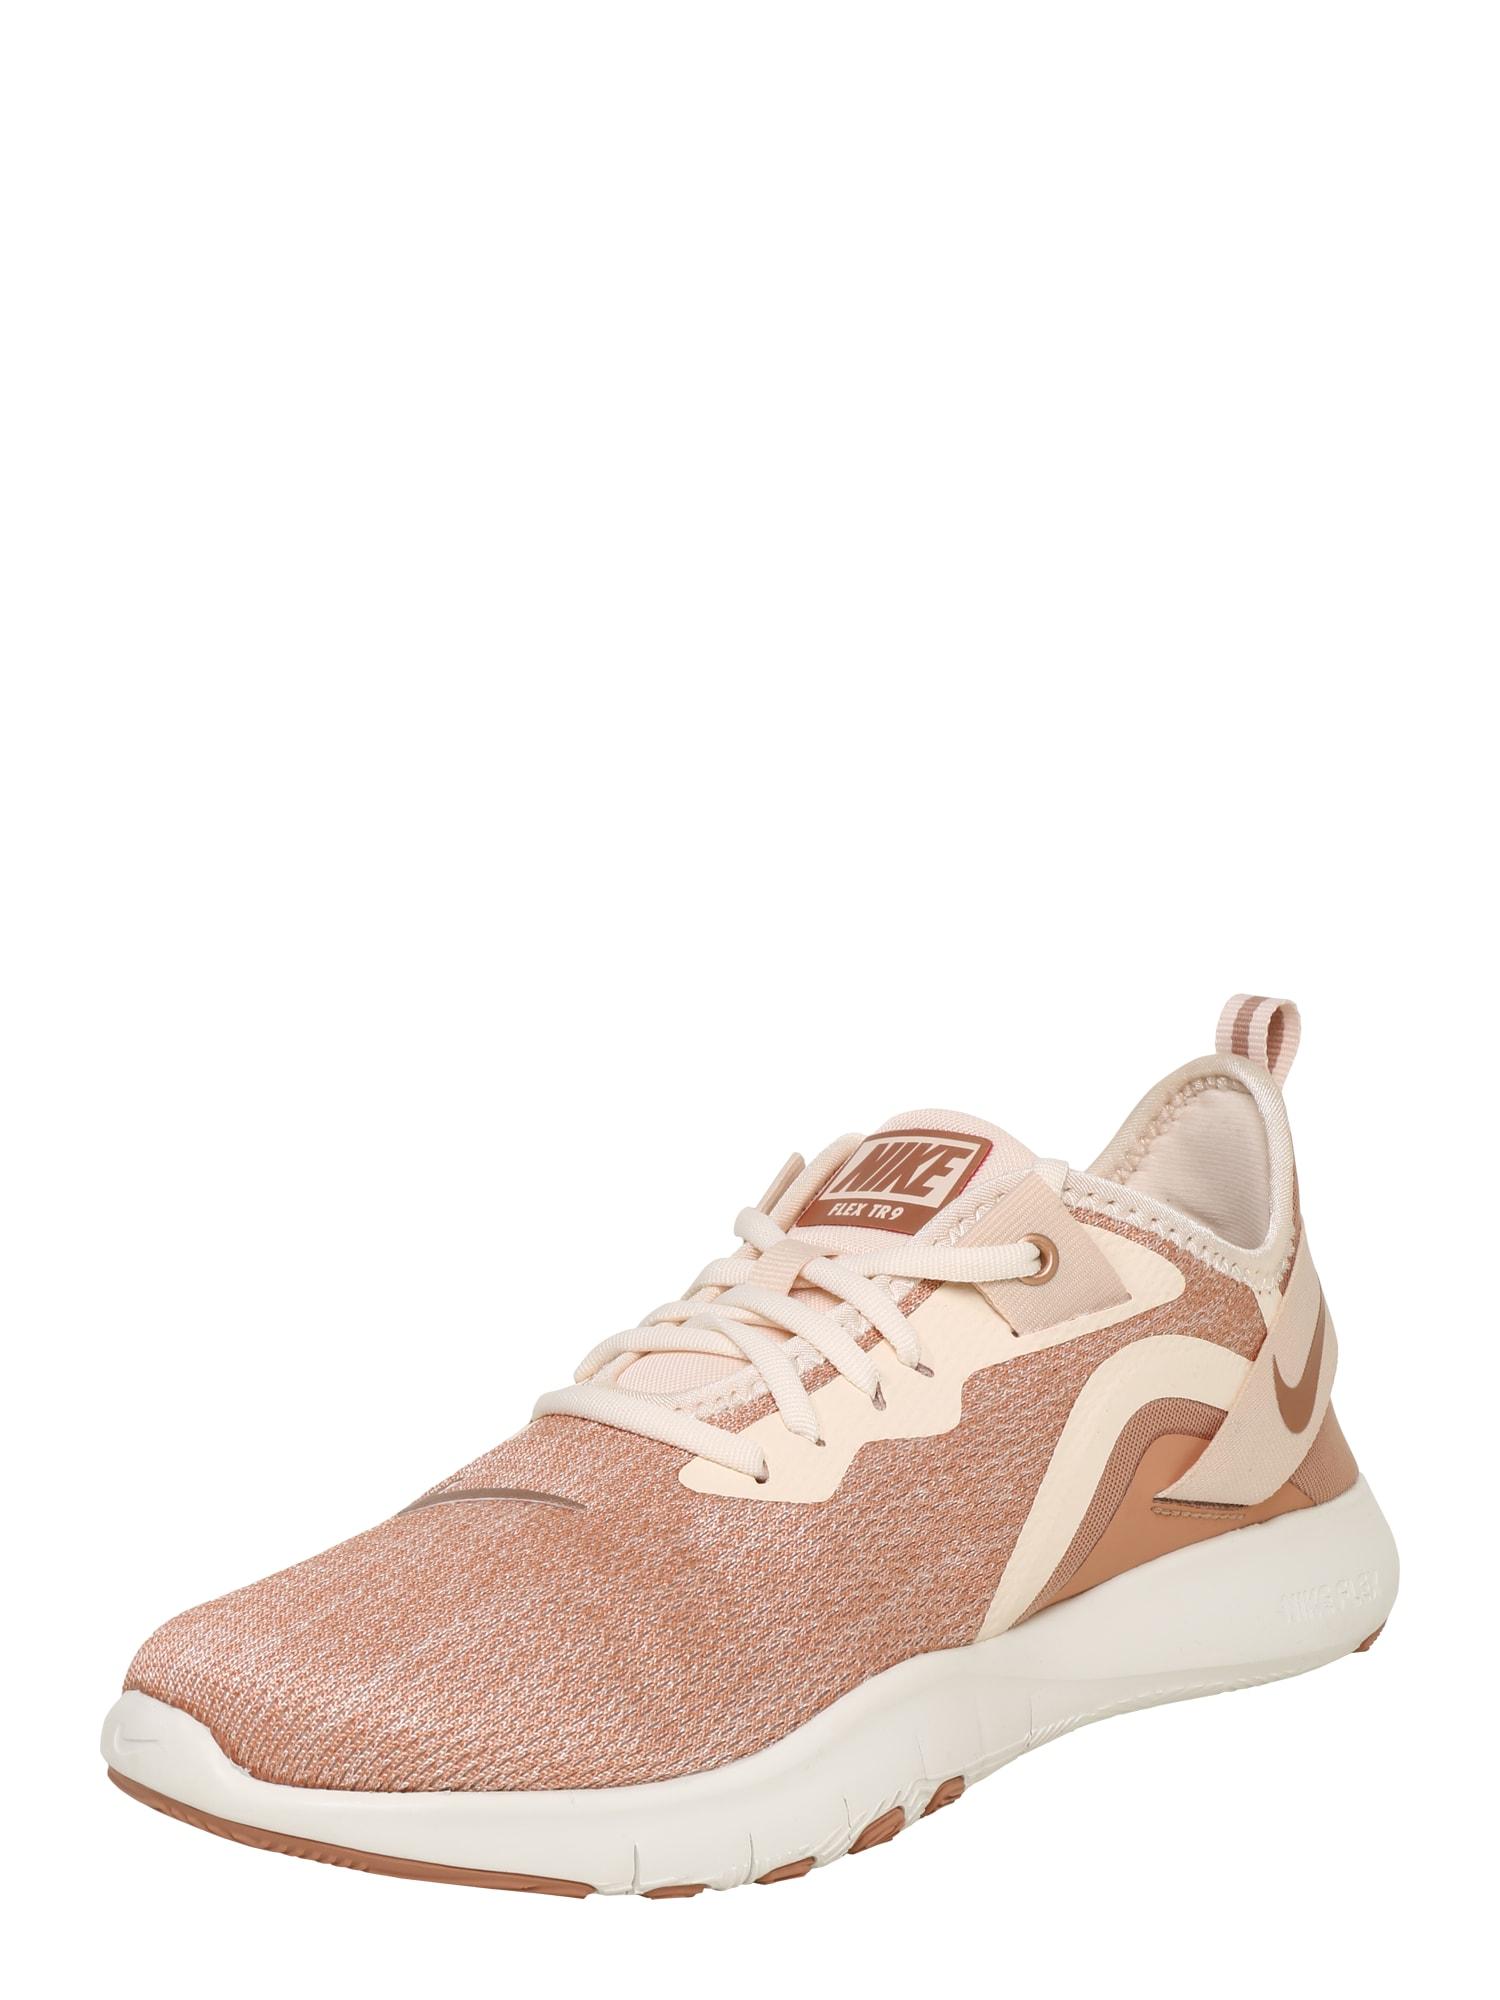 Sportovní boty Flex TR 9 Premium béžová hnědá NIKE